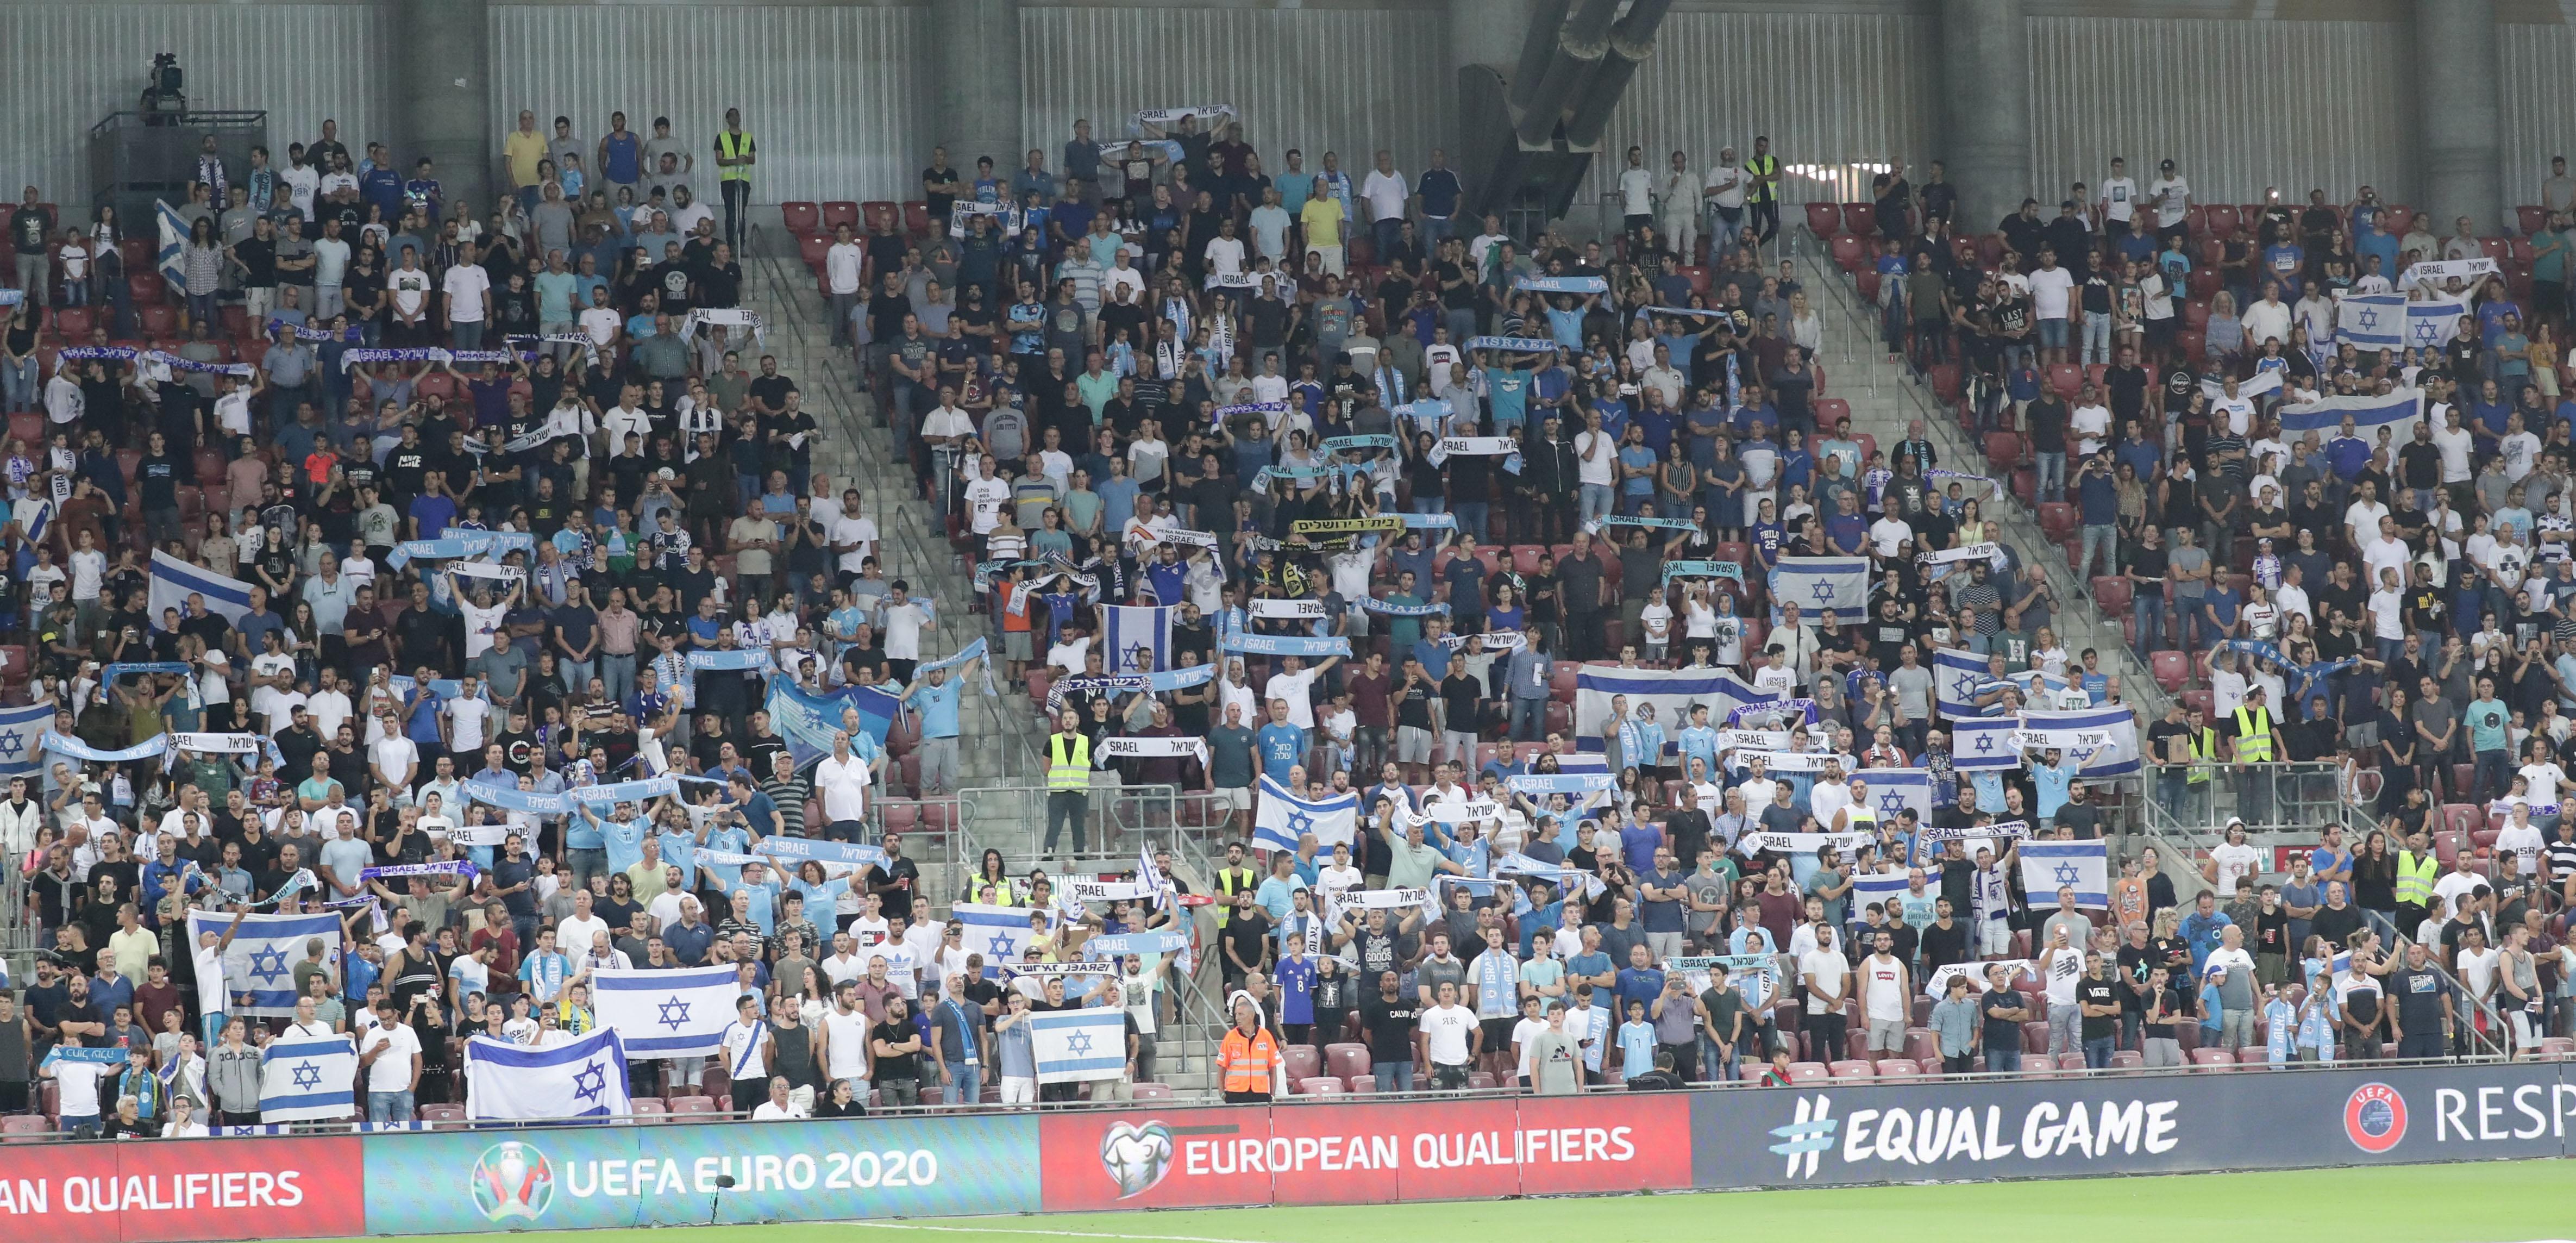 אוהדי נבחרת ישראל באצטדיון טרנר